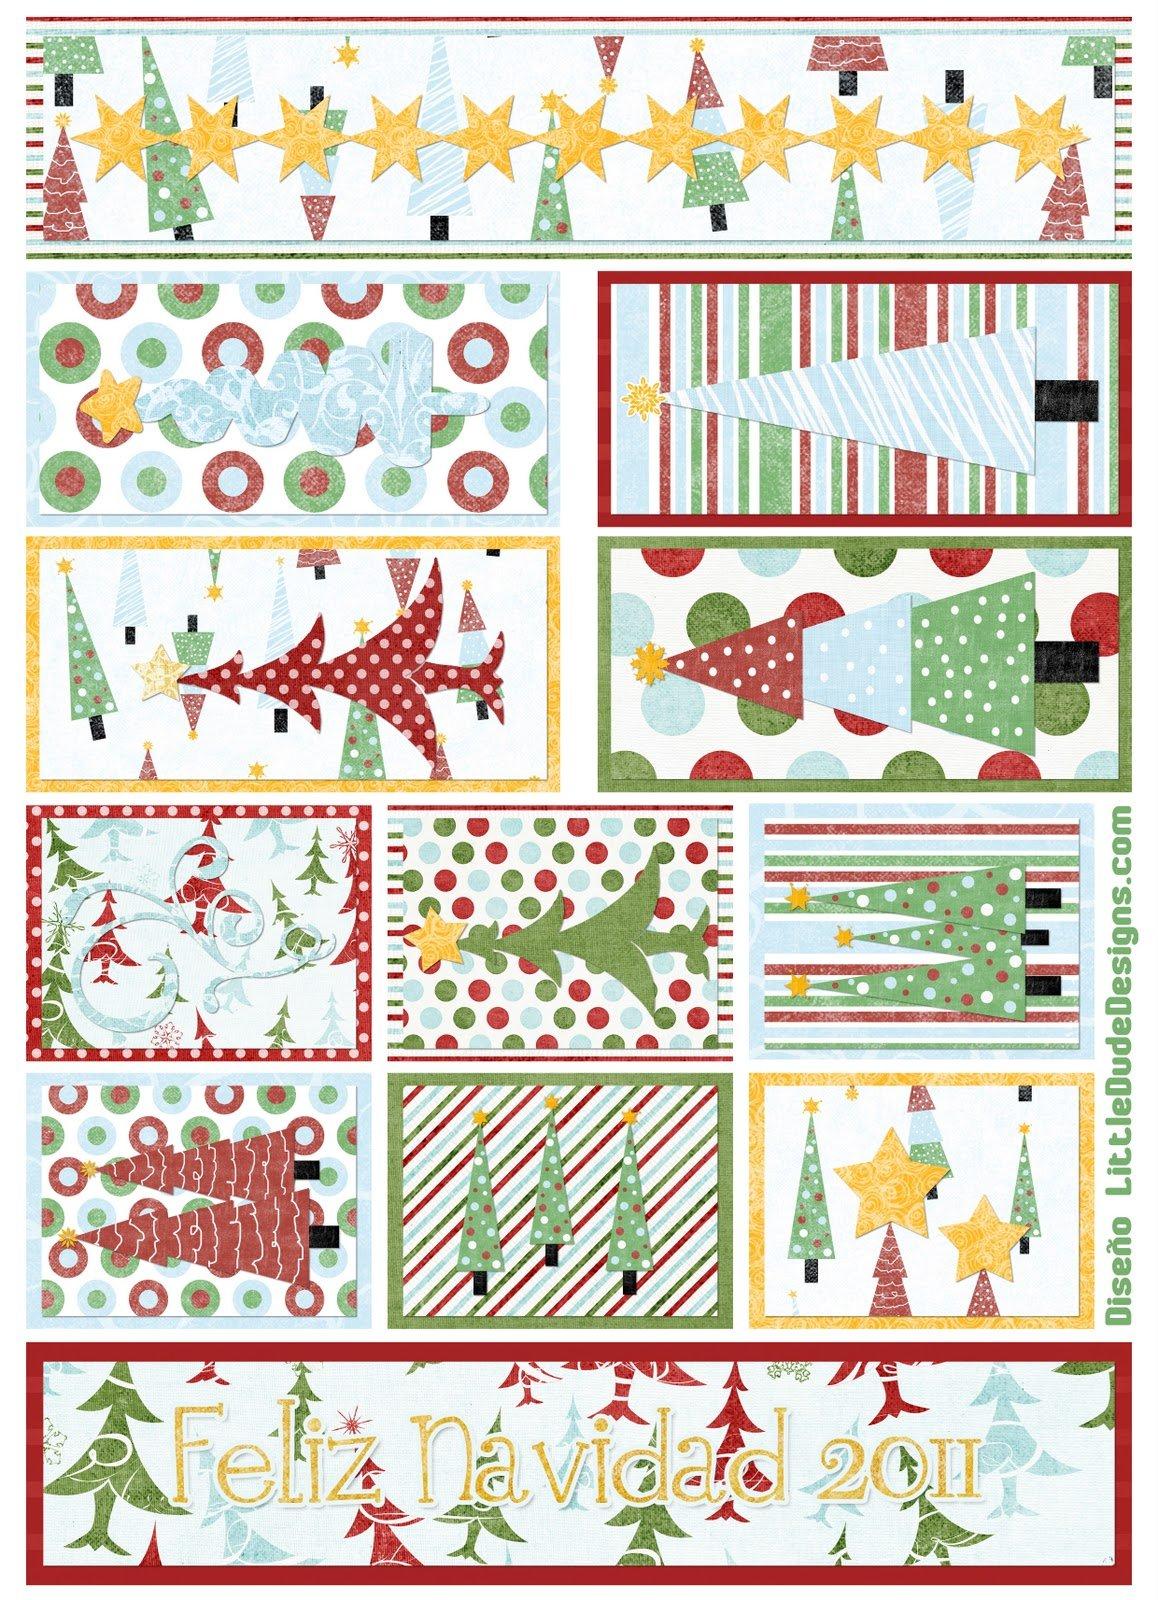 Tarjetas etiquetas y pegatinas de navidad para imprimir for In regalo gratis